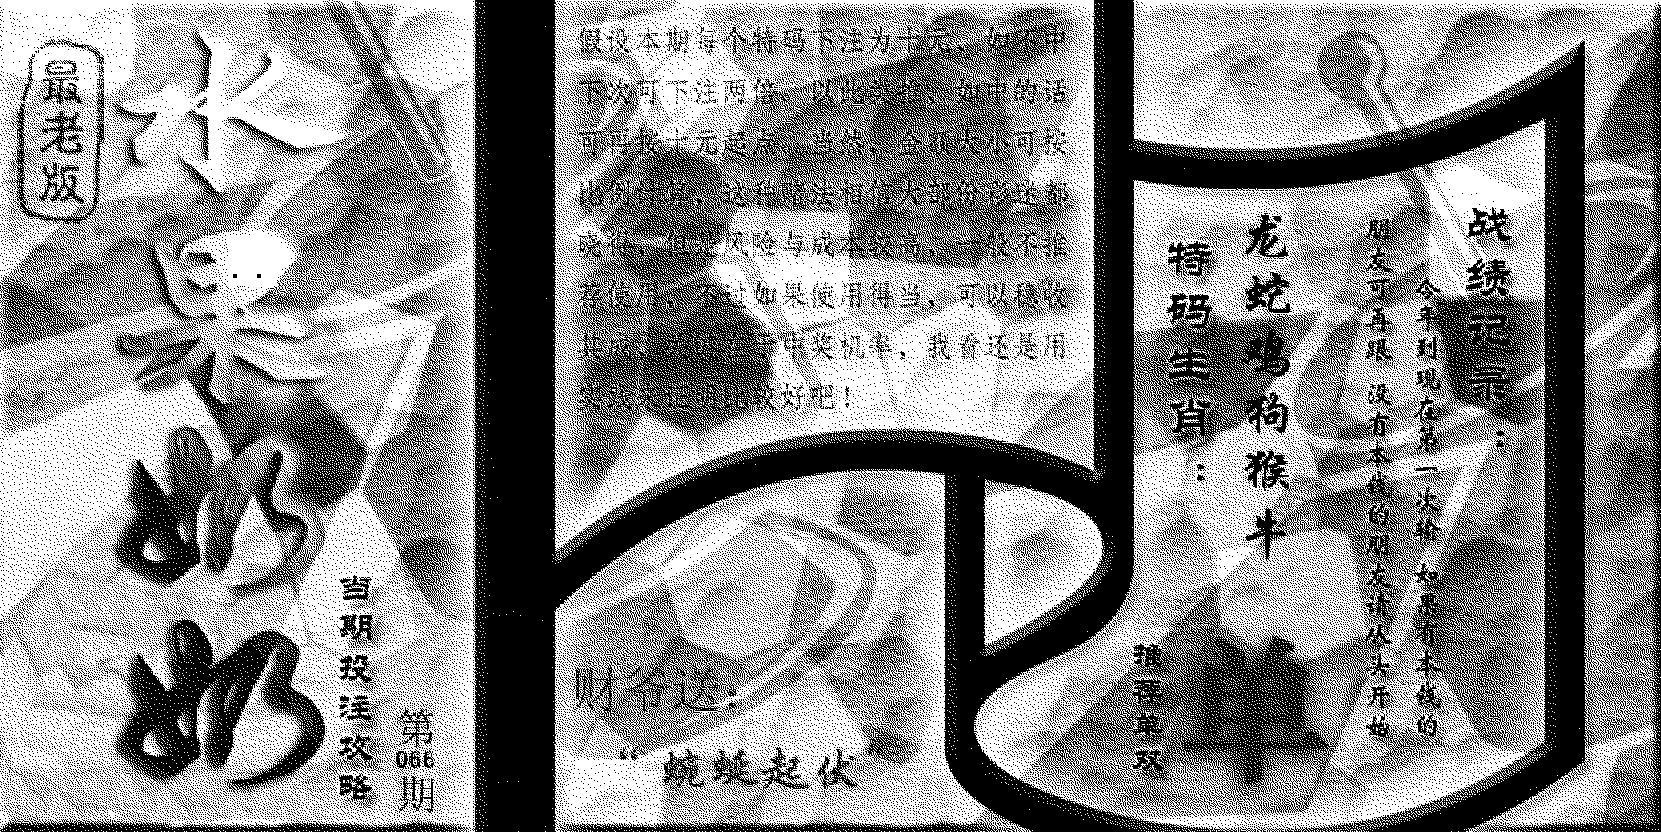 066期(九龙单双攻略)老版(黑白)